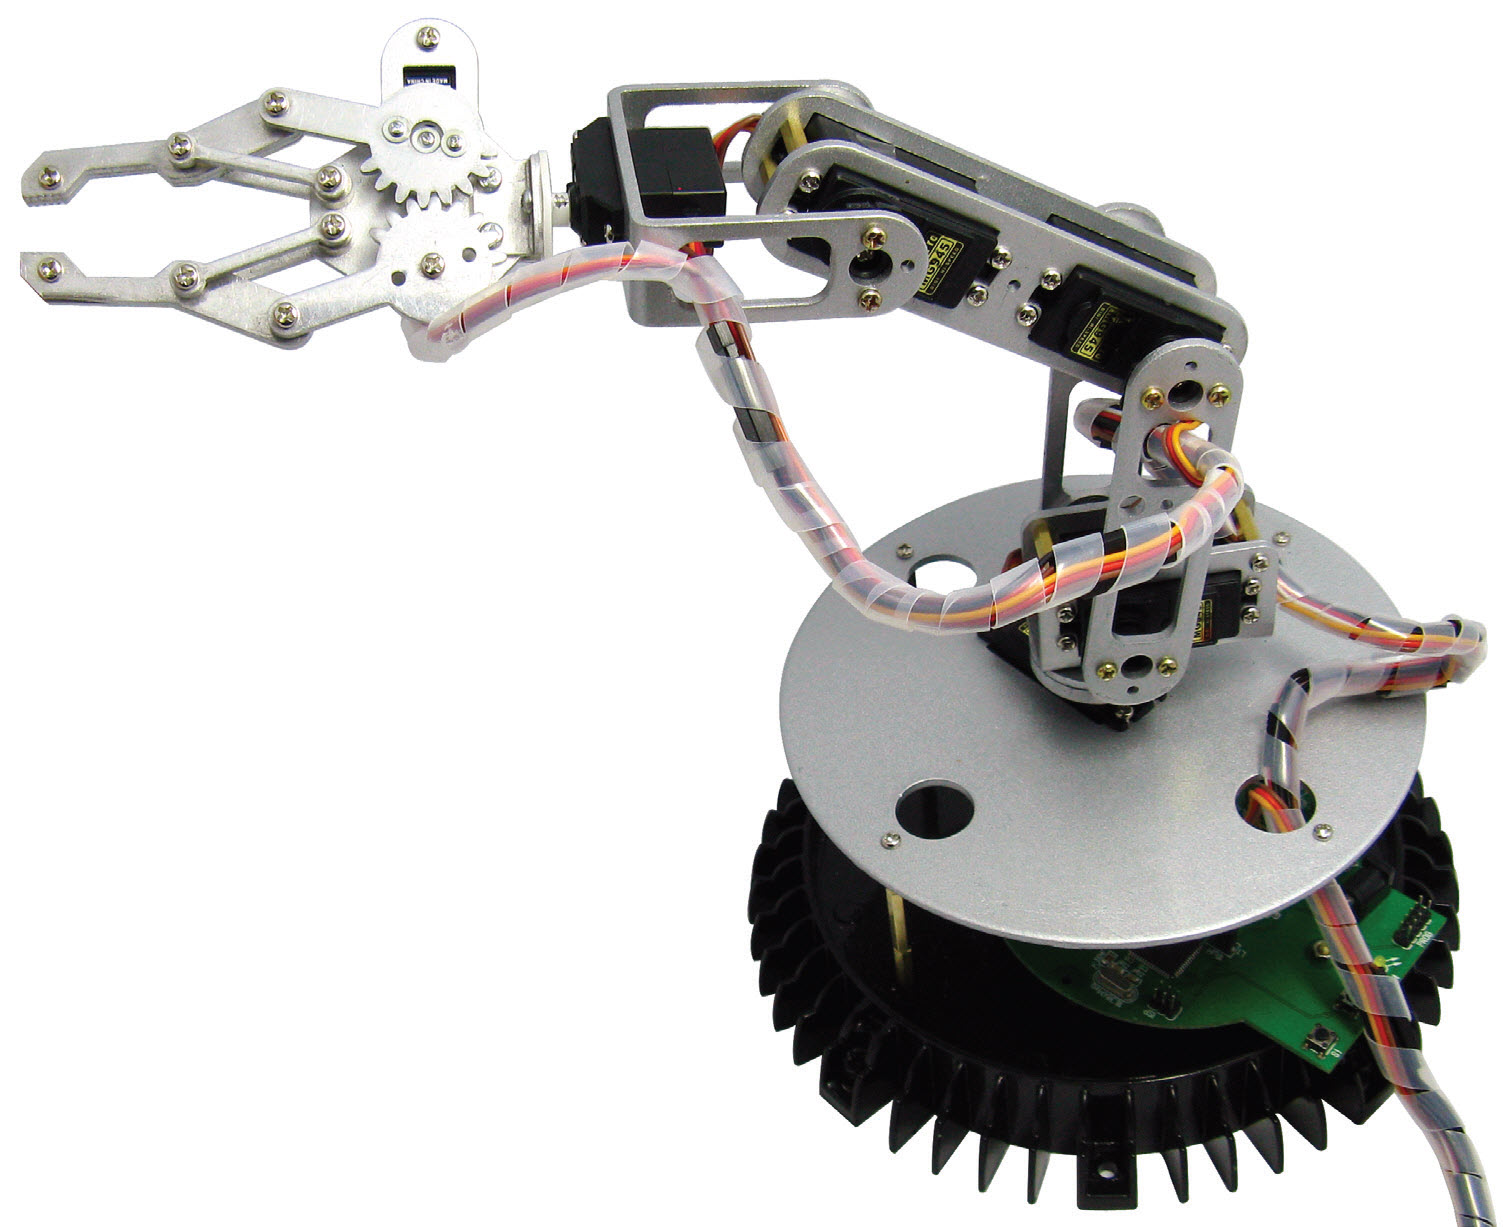 AREXX Robot Arm Pro